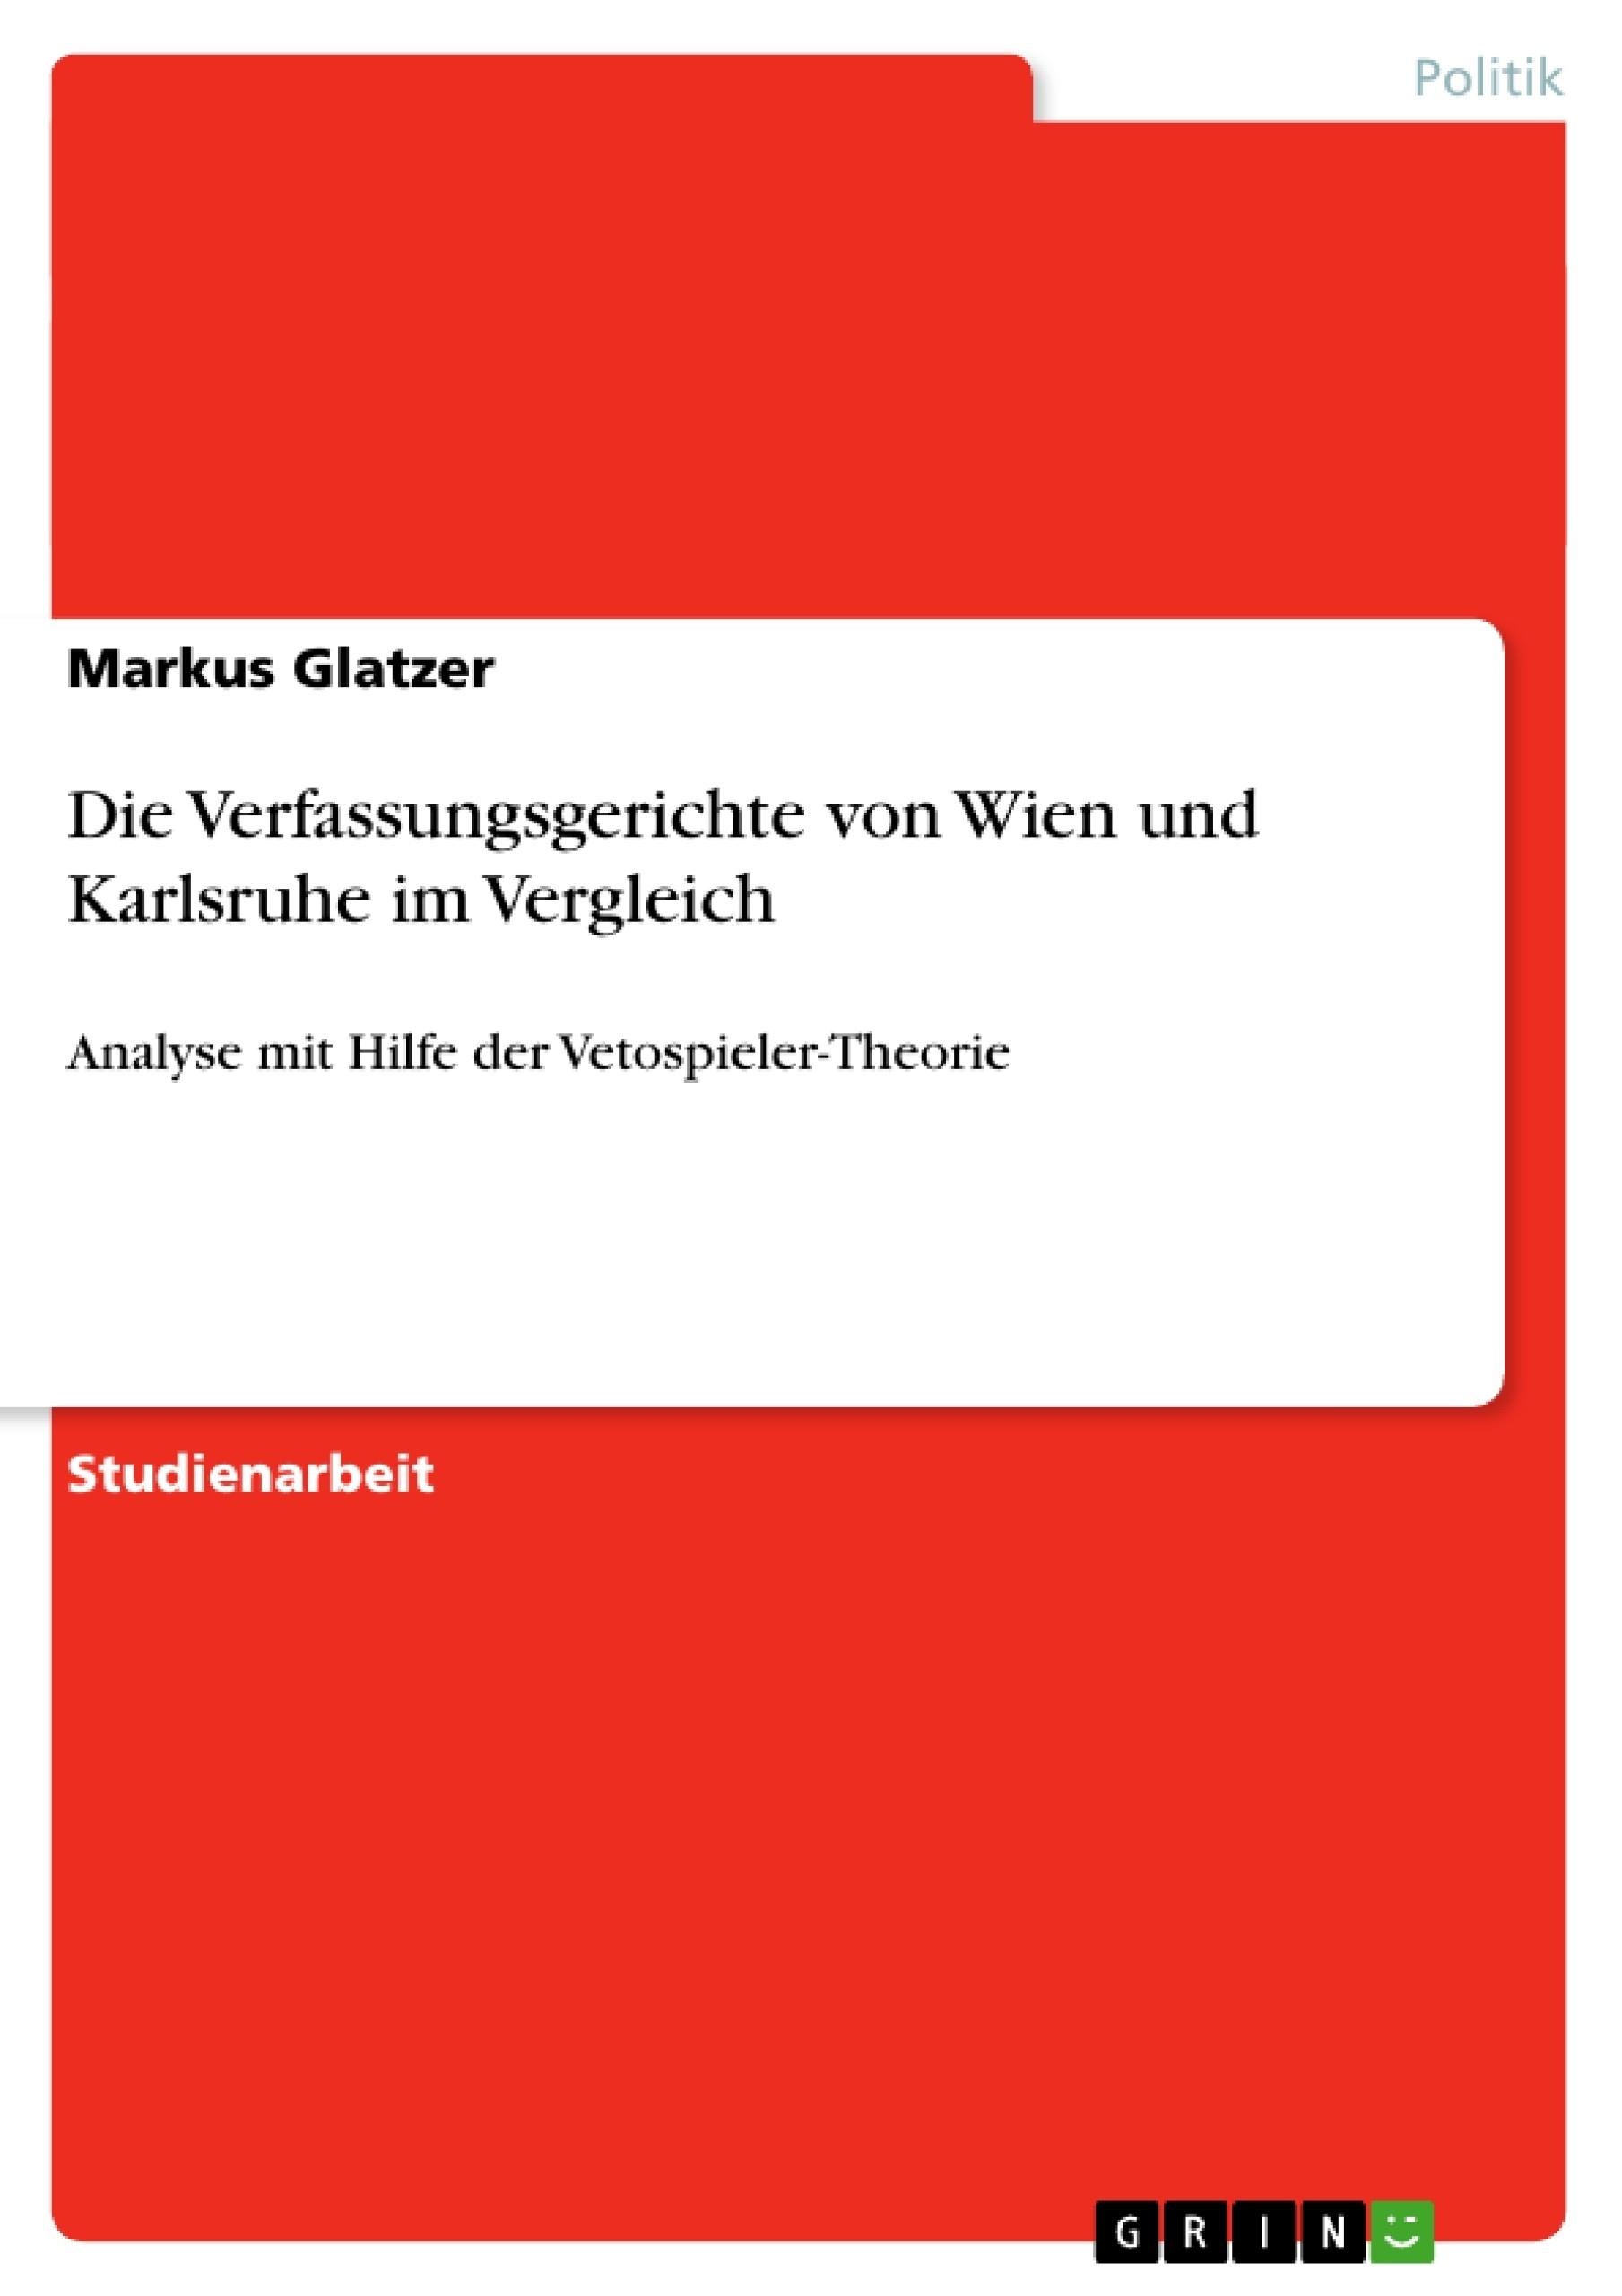 Titel: Die Verfassungsgerichte von Wien und Karlsruhe im Vergleich